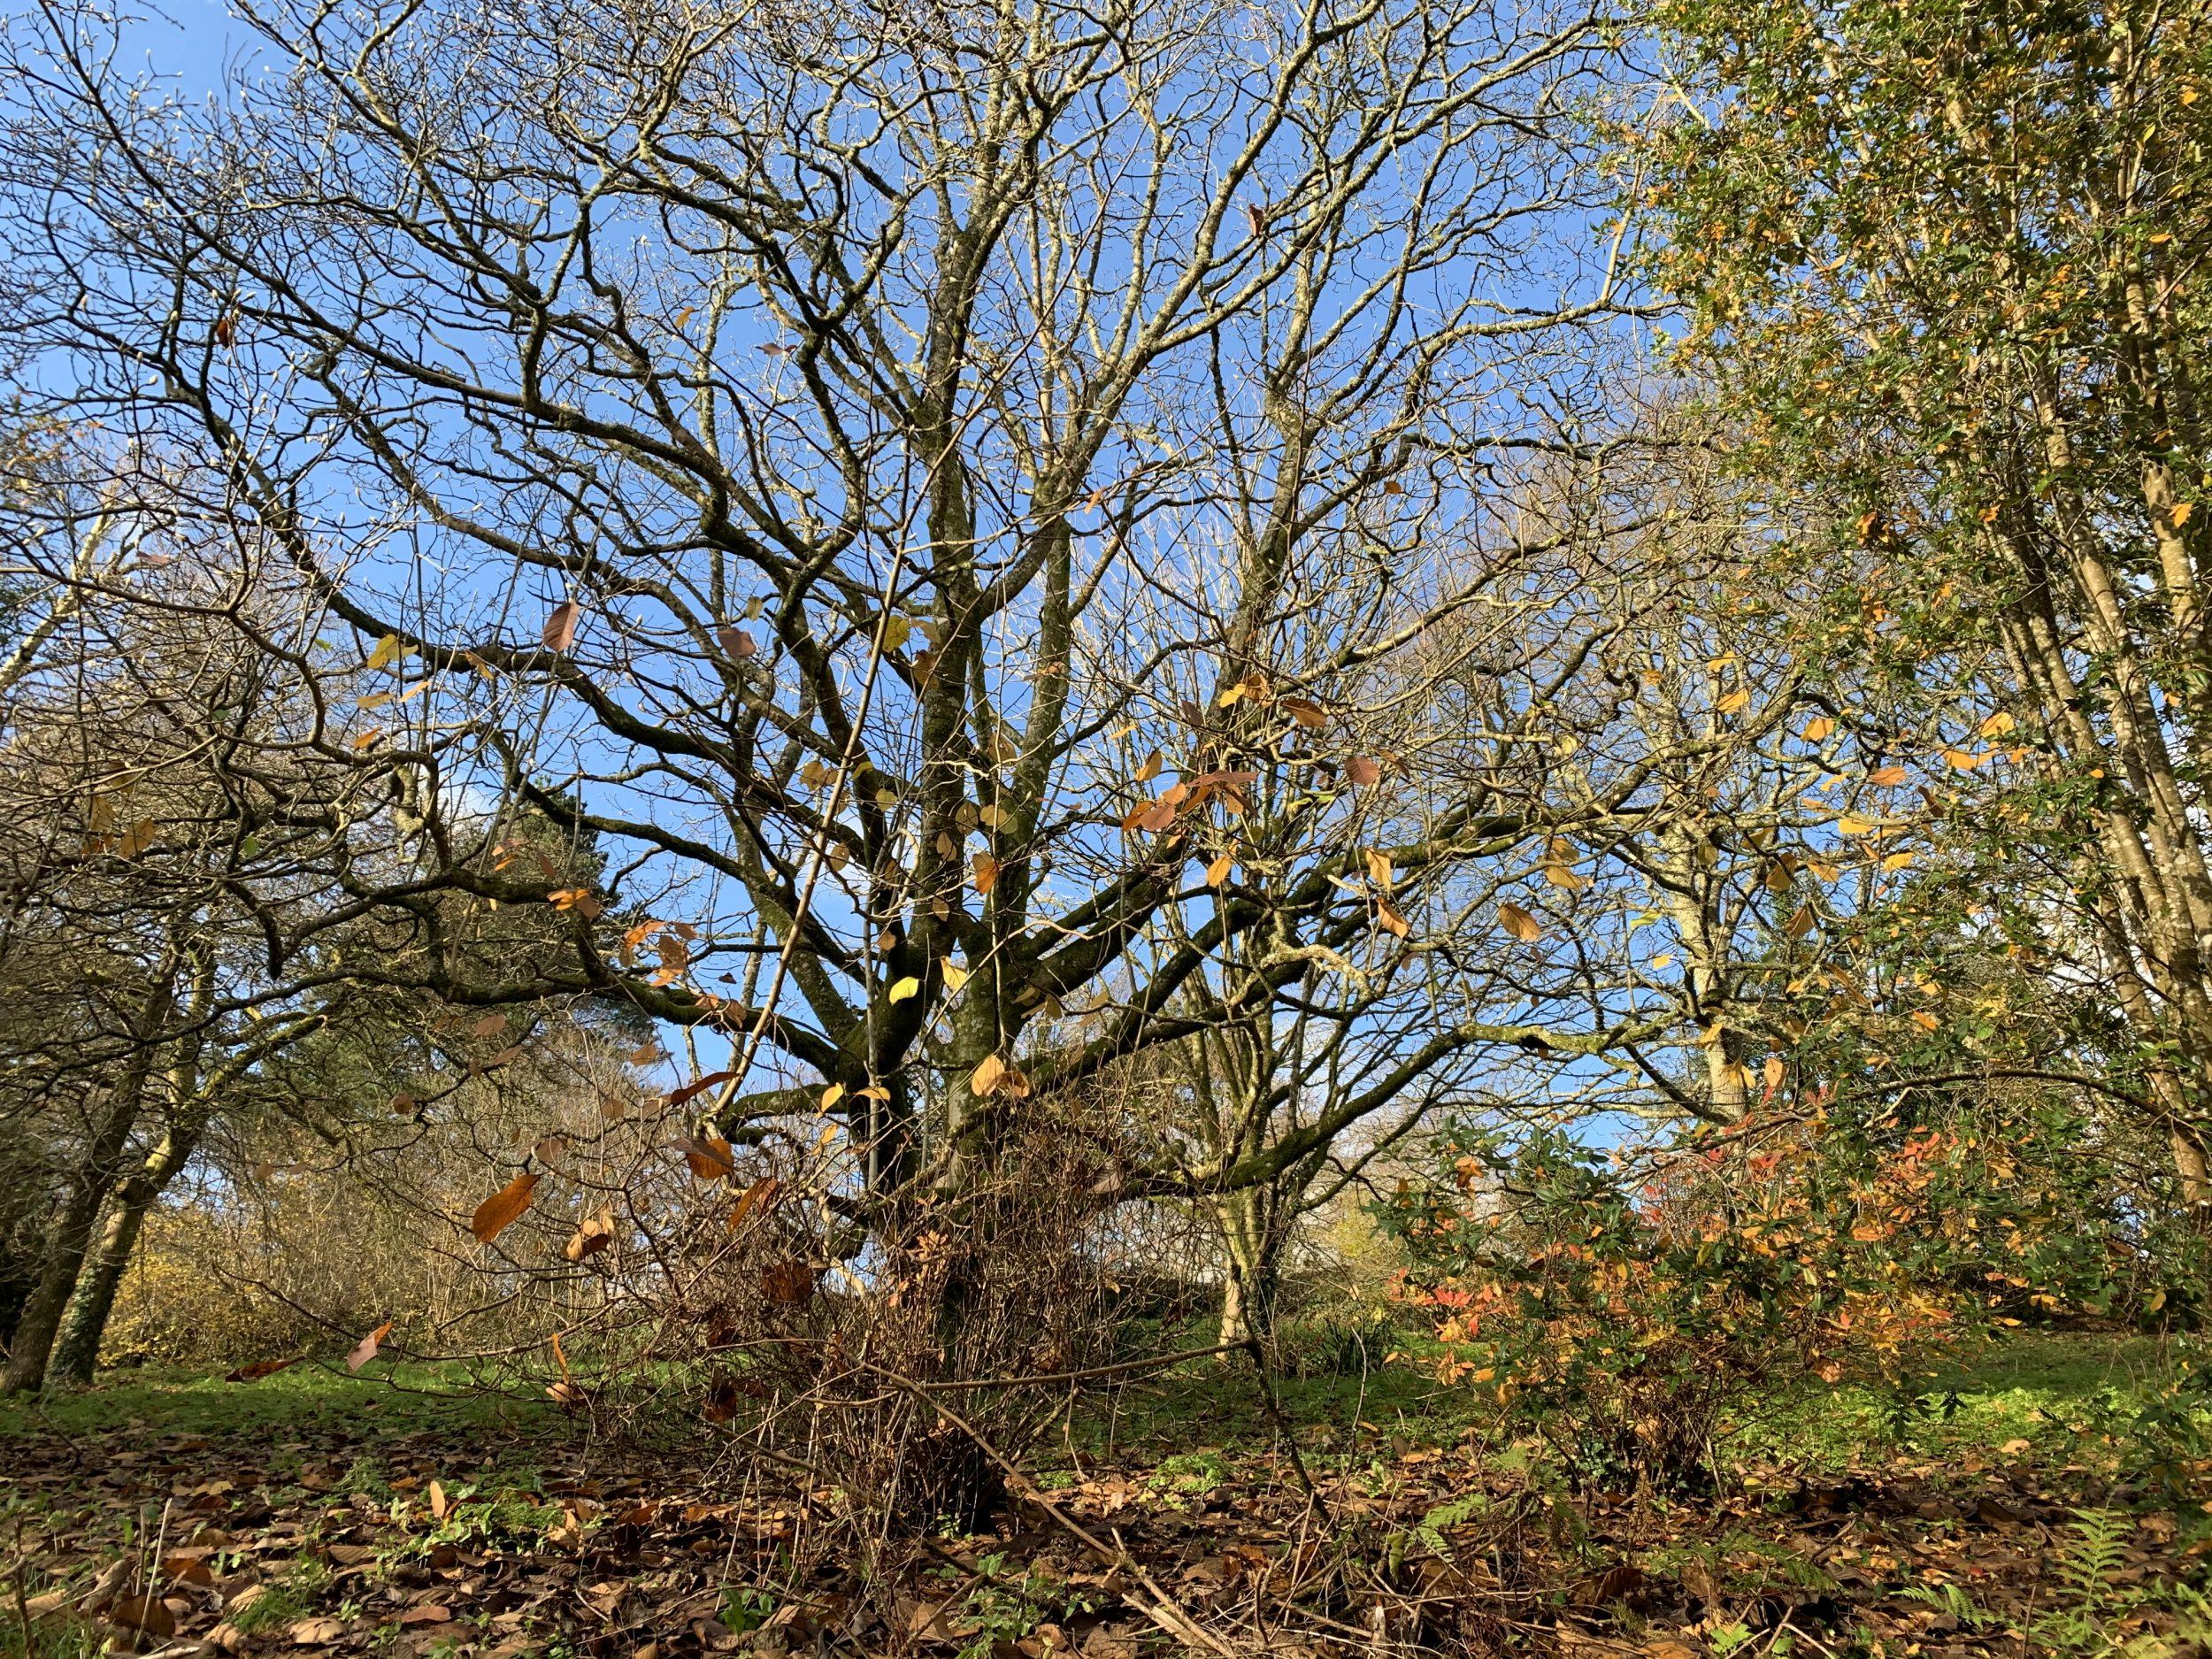 Autumnal trees at Cotehele